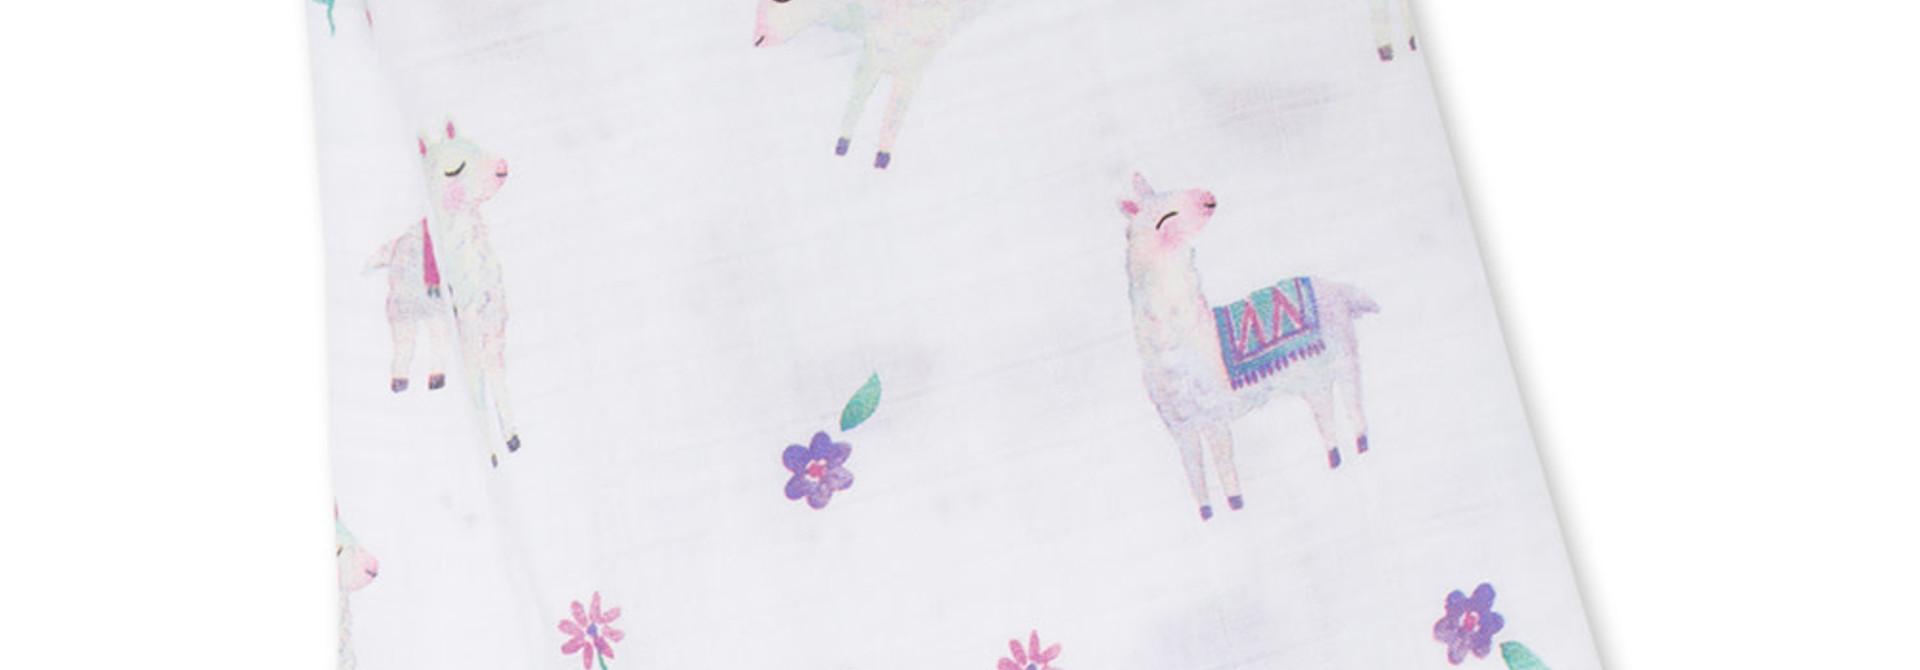 Mousseline en coton - Lamas